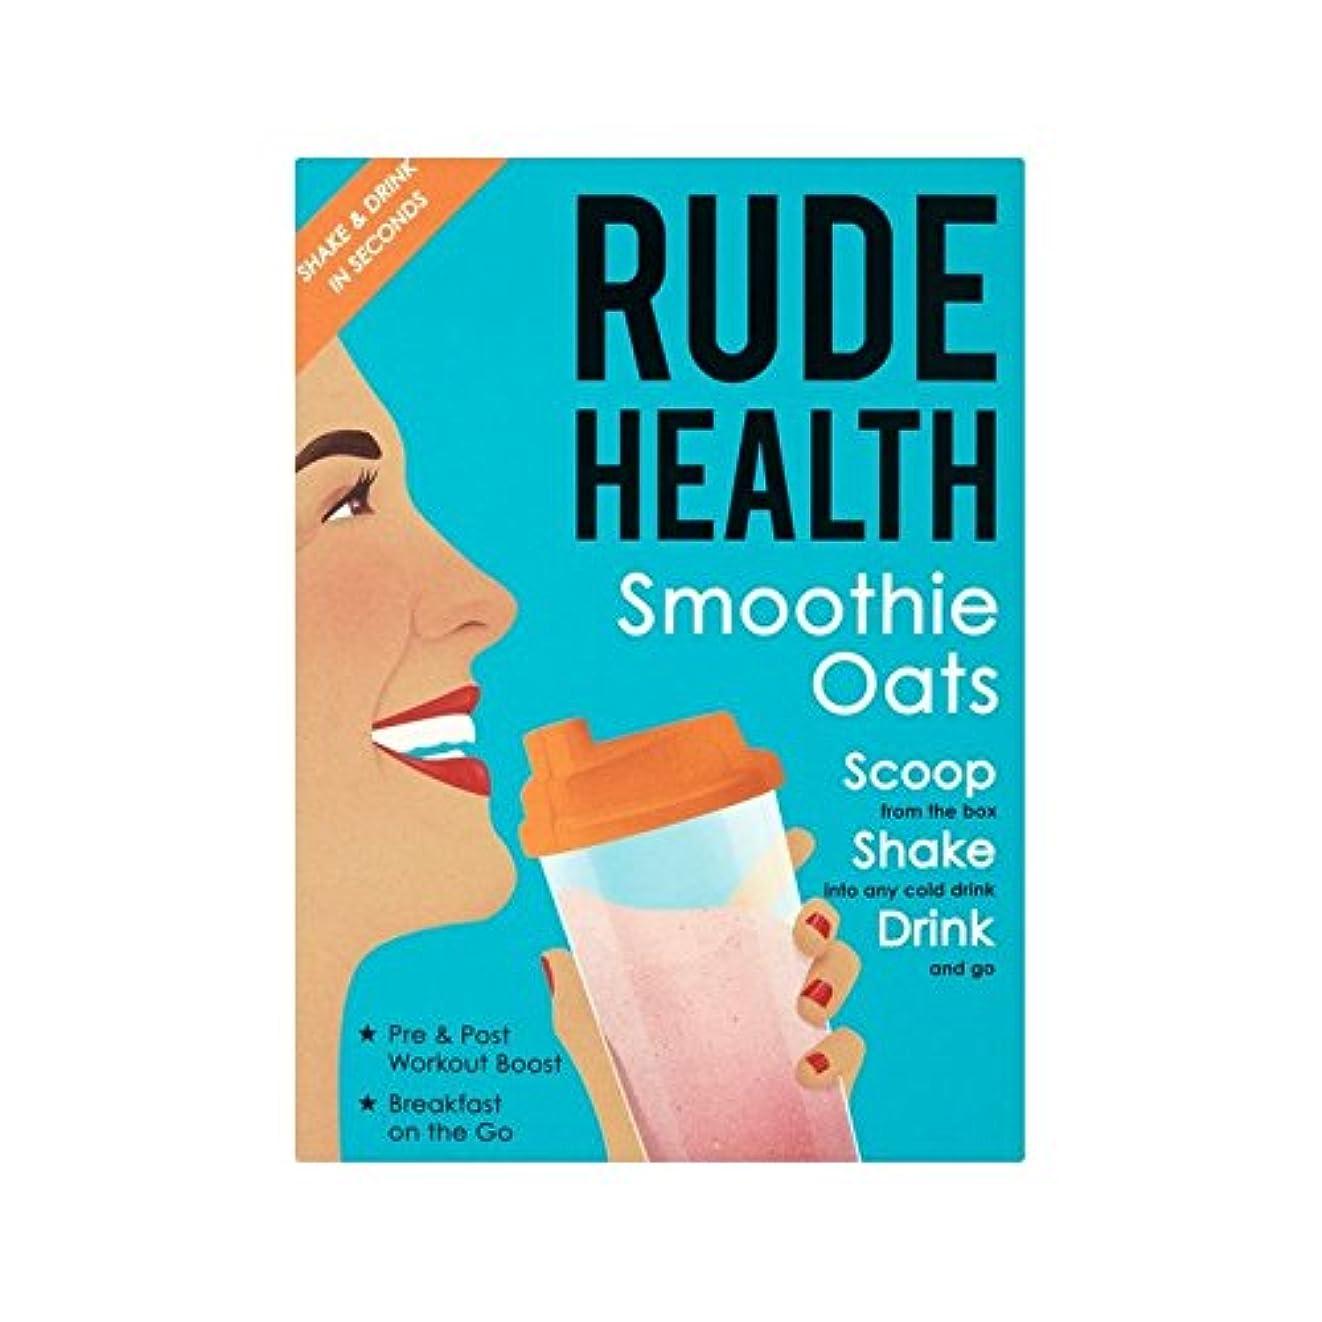 楽しむ手首保険をかけるスムージーオート麦250グラム (Rude Health) (x 4) - Rude Health Smoothie Oats 250g (Pack of 4) [並行輸入品]